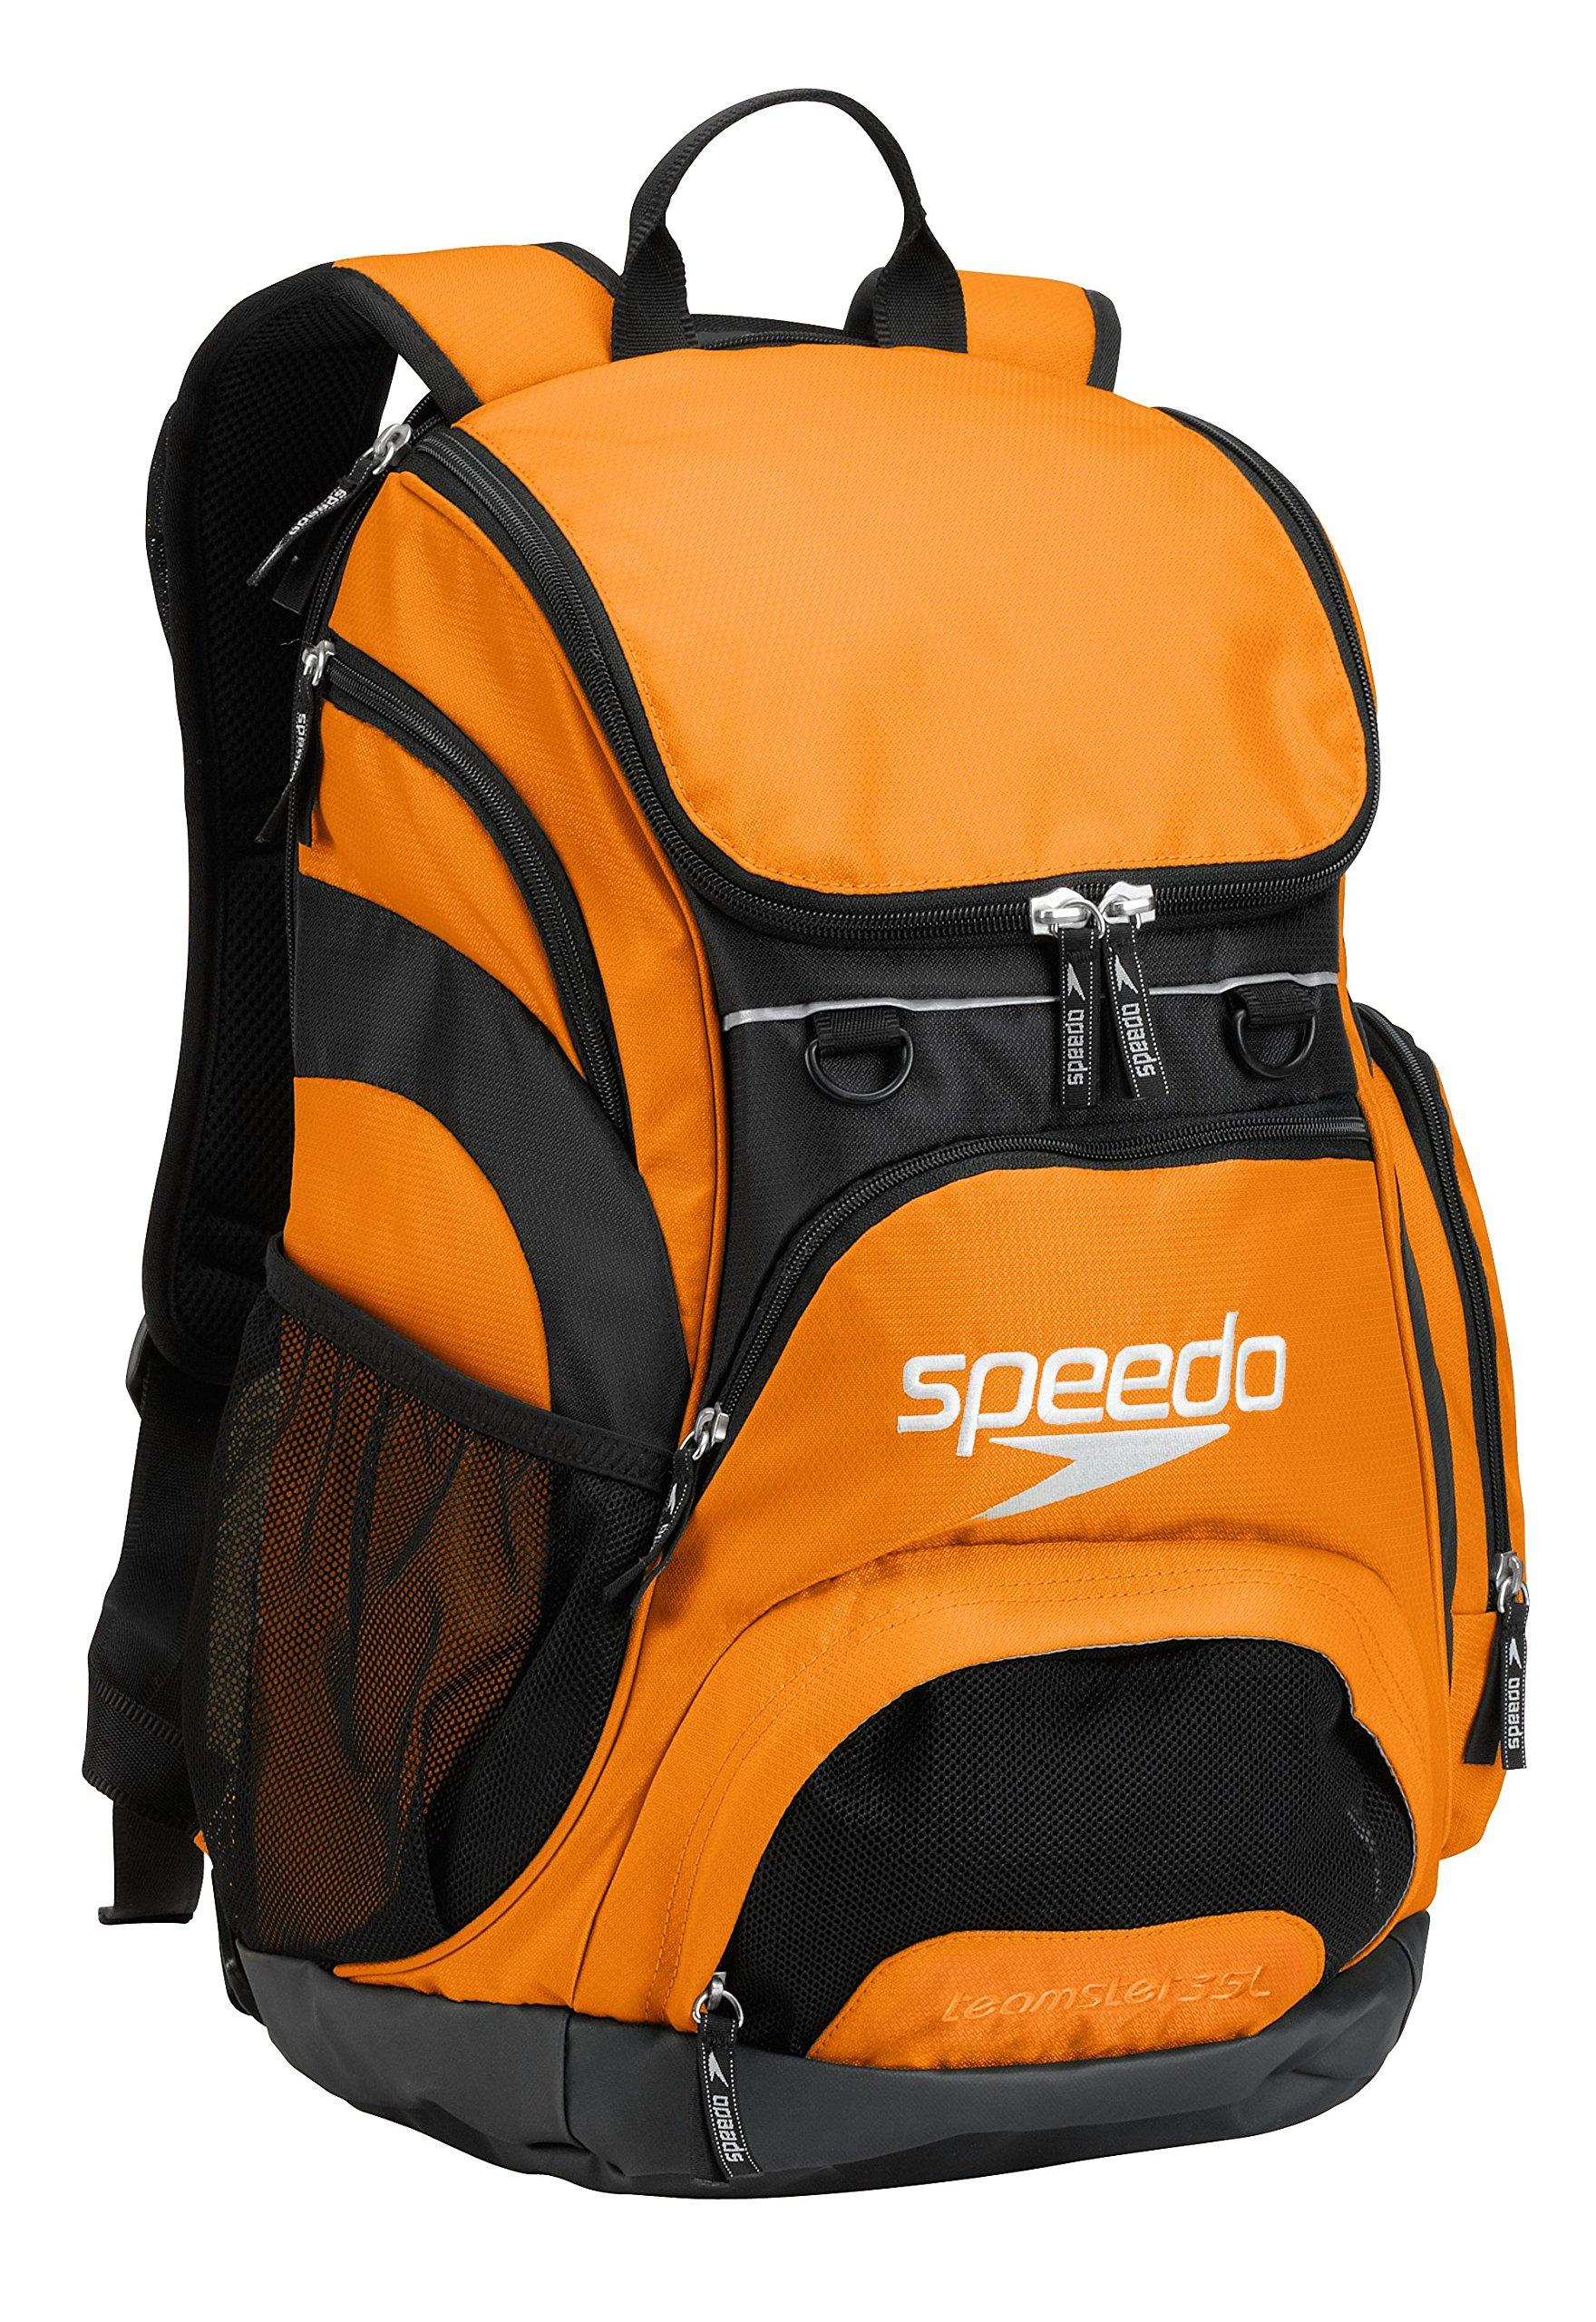 Speedo Printed Teamster 35L Backpack, Bright Orange/Black, 1SZ